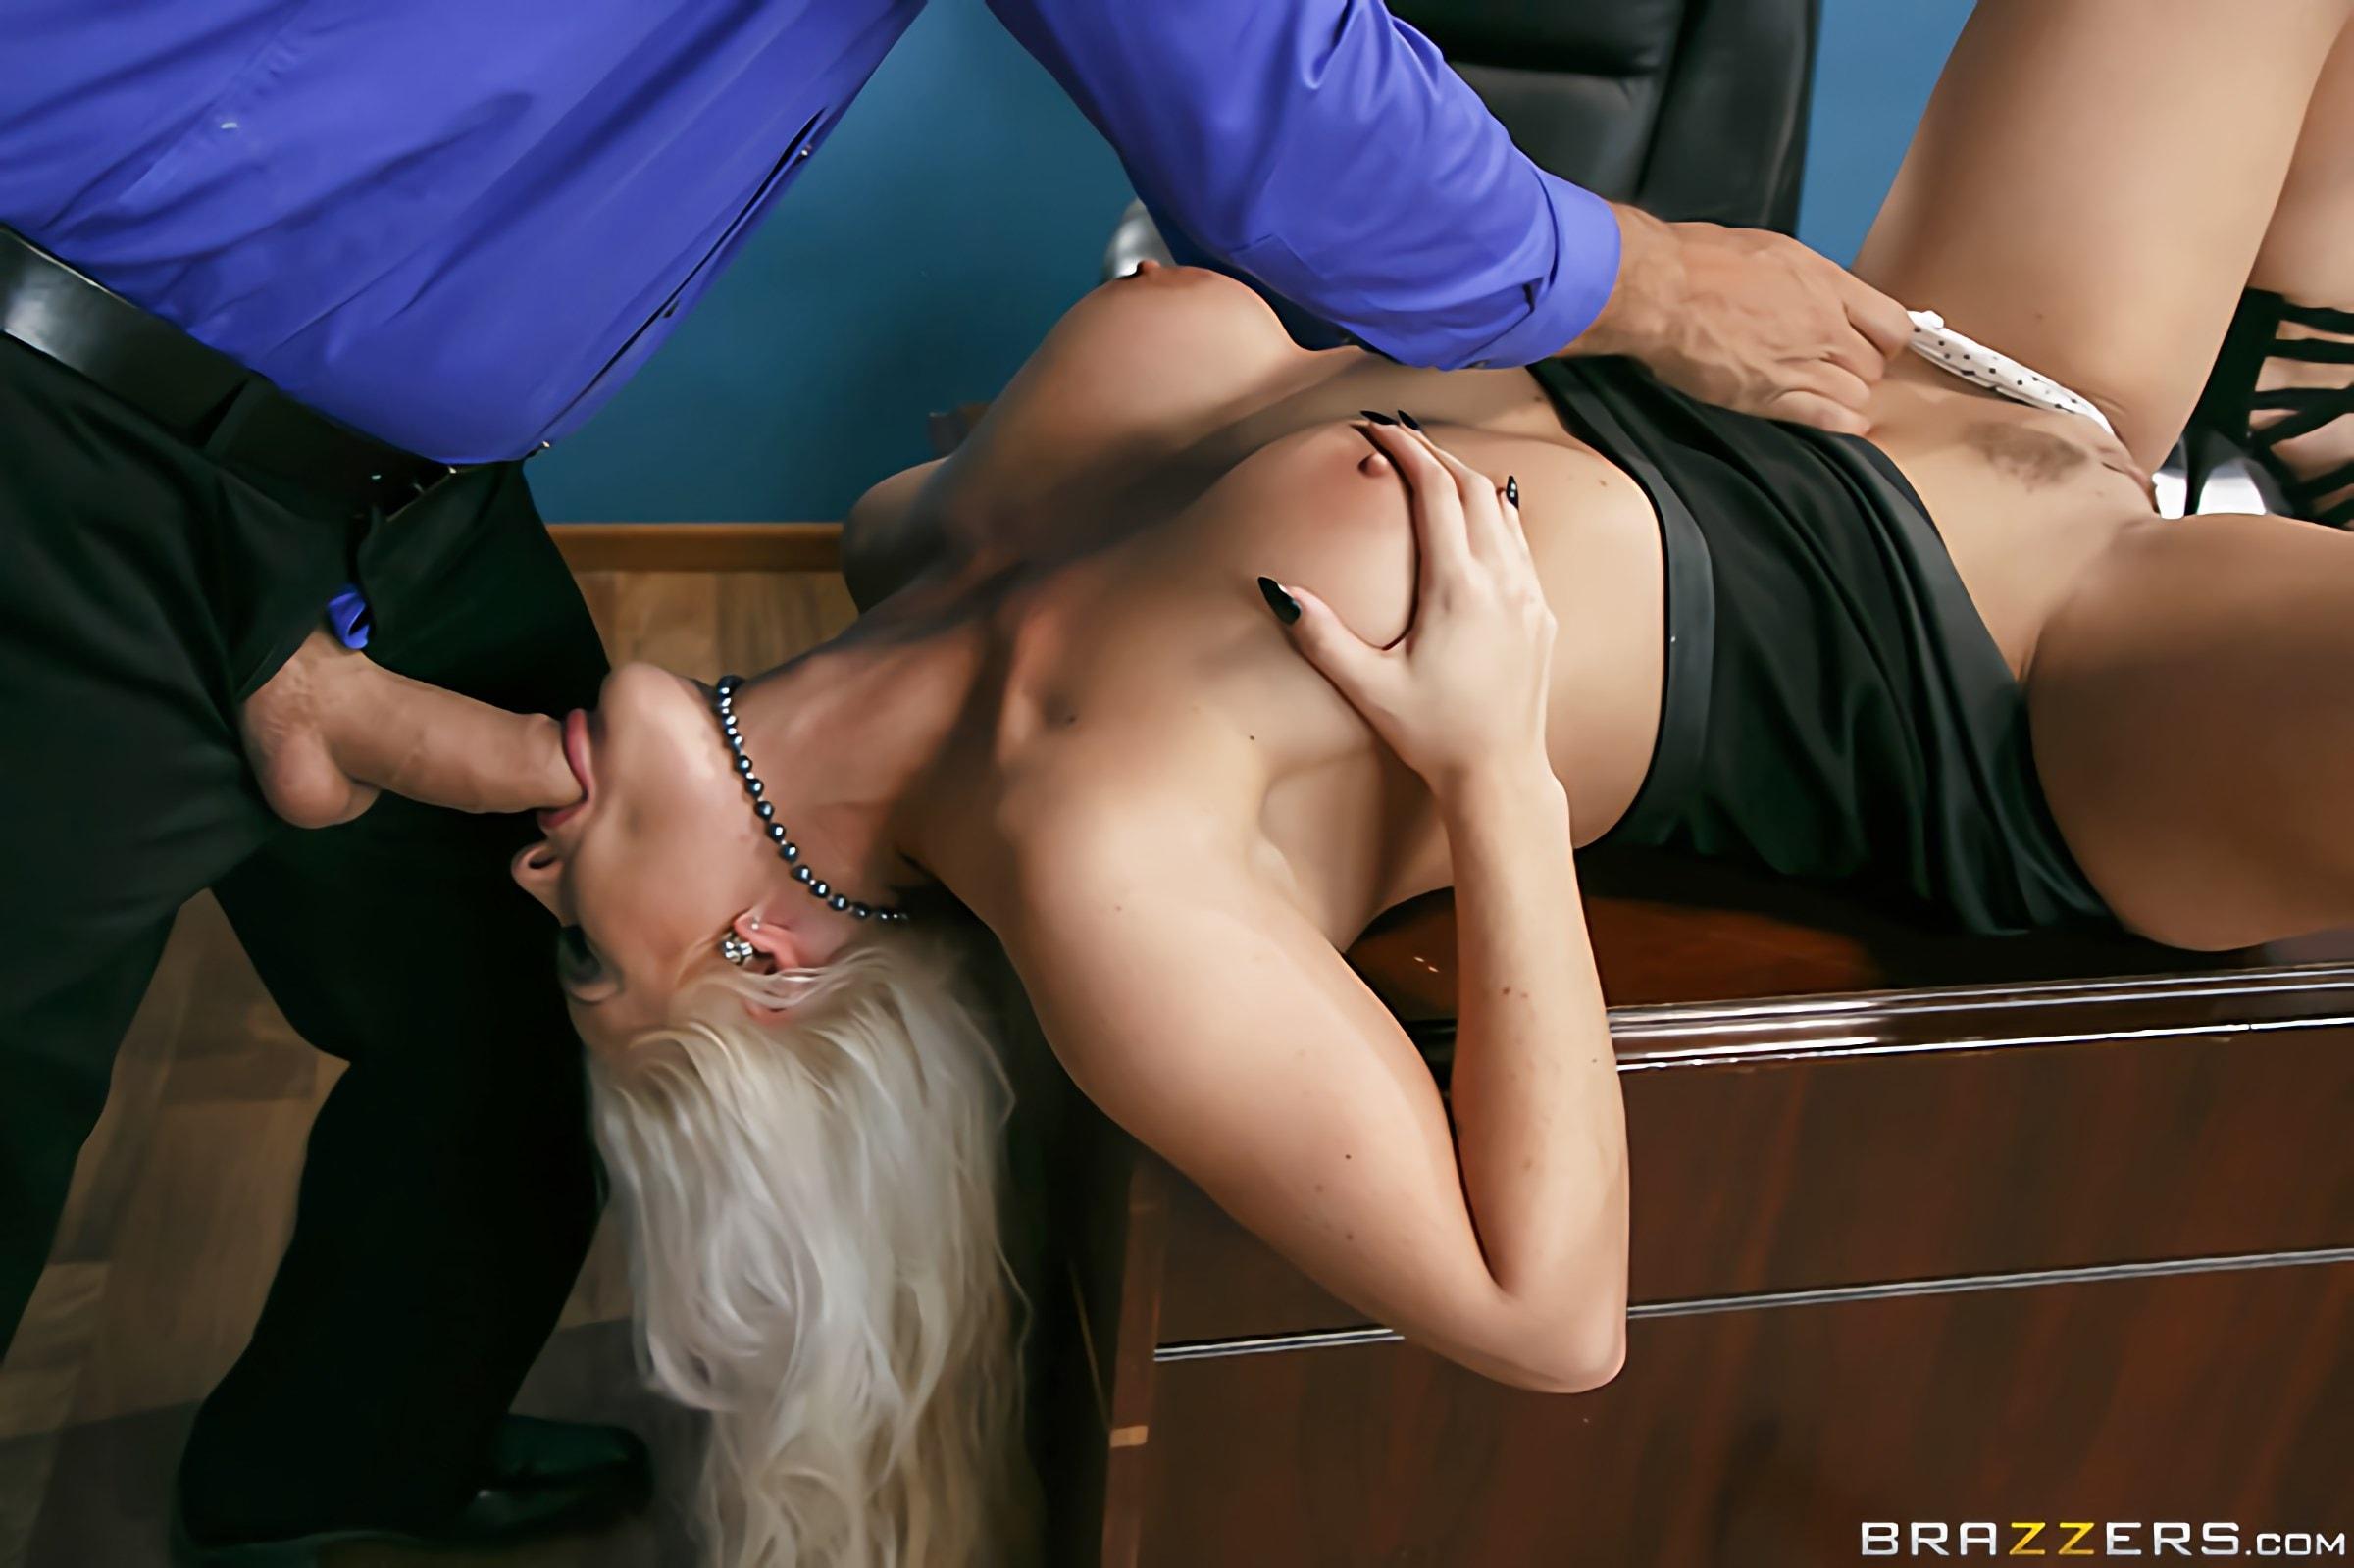 Красивое порно грудастая блондинка отдалась коллеге по работе